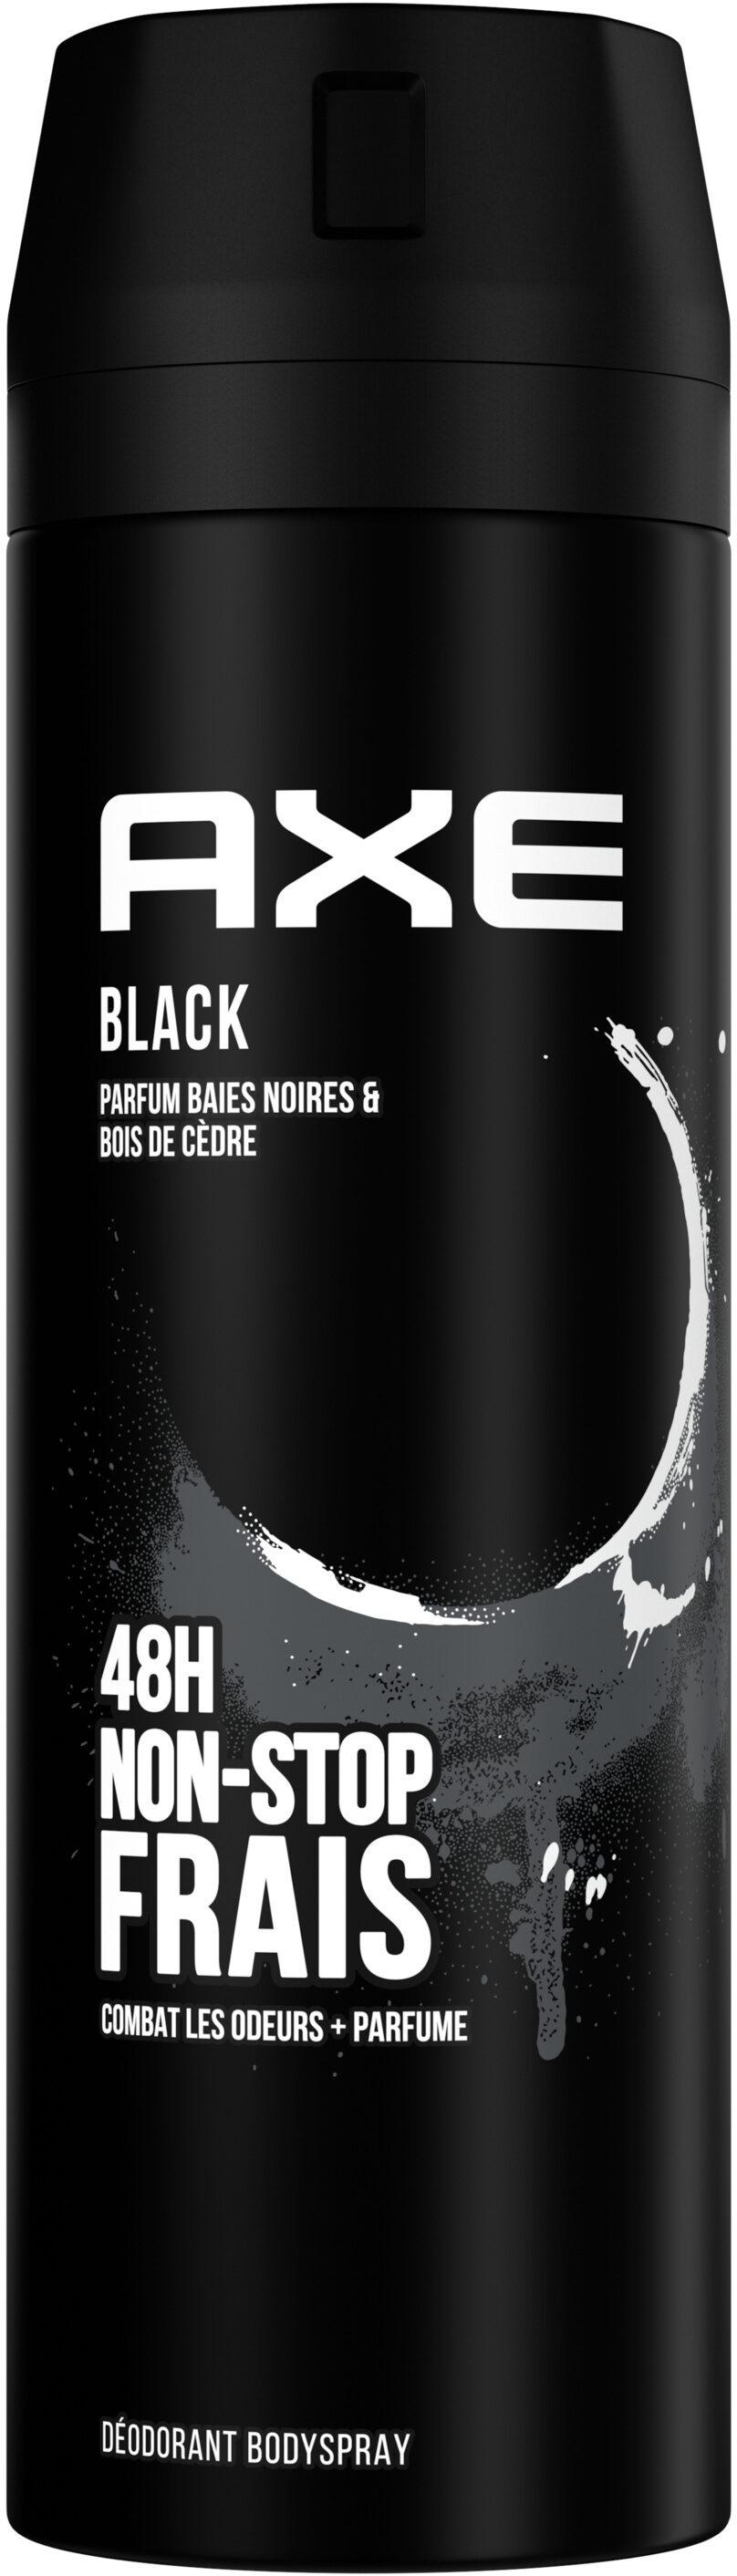 AXE Déodorant Homme Bodyspray Black 48h Non-Stop Frais - Product - fr